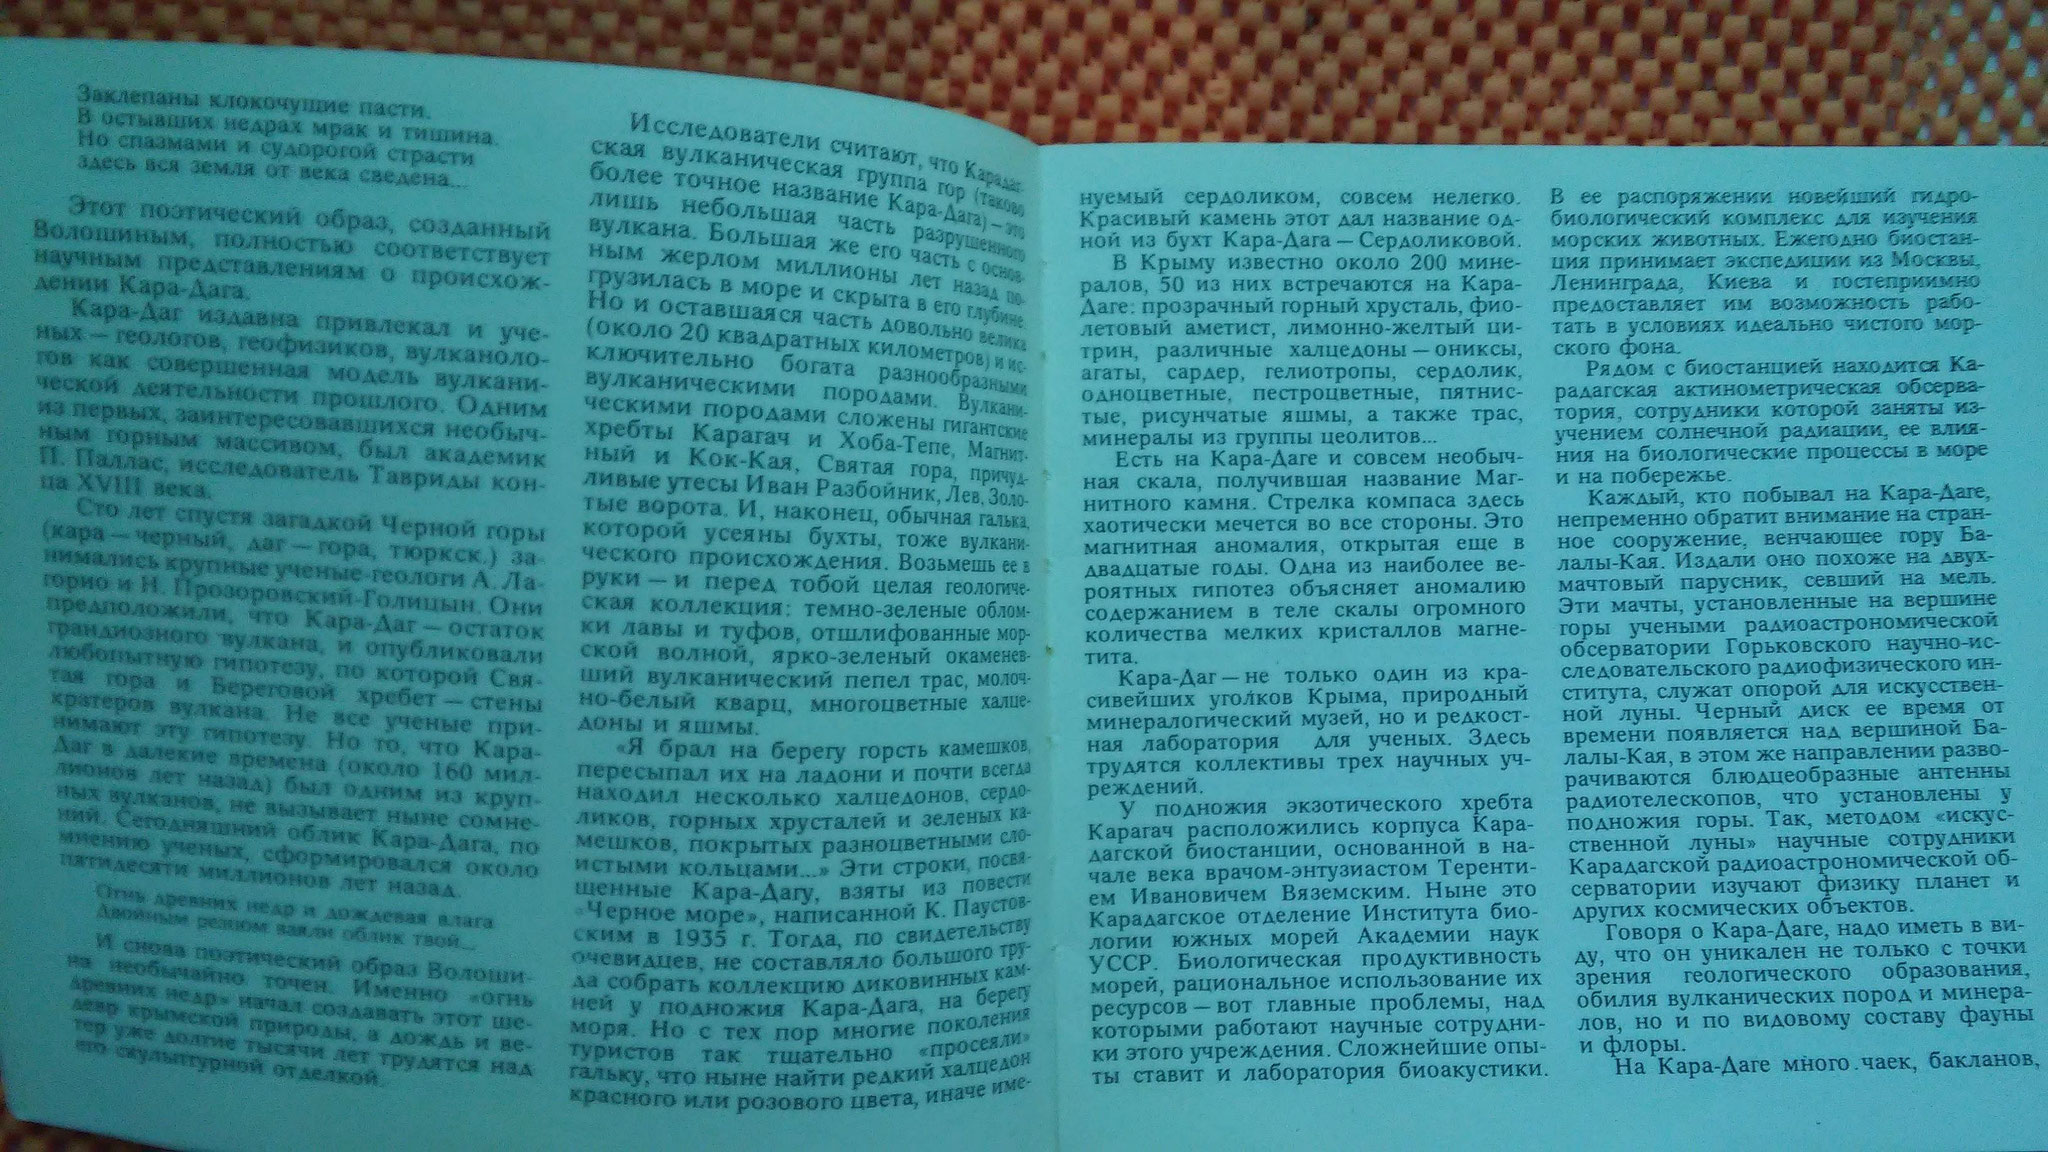 Еще страничка... Заканчивается там всё призывом беречь природу Кара-Дага и думать о будущих поколениях коммунистов :)